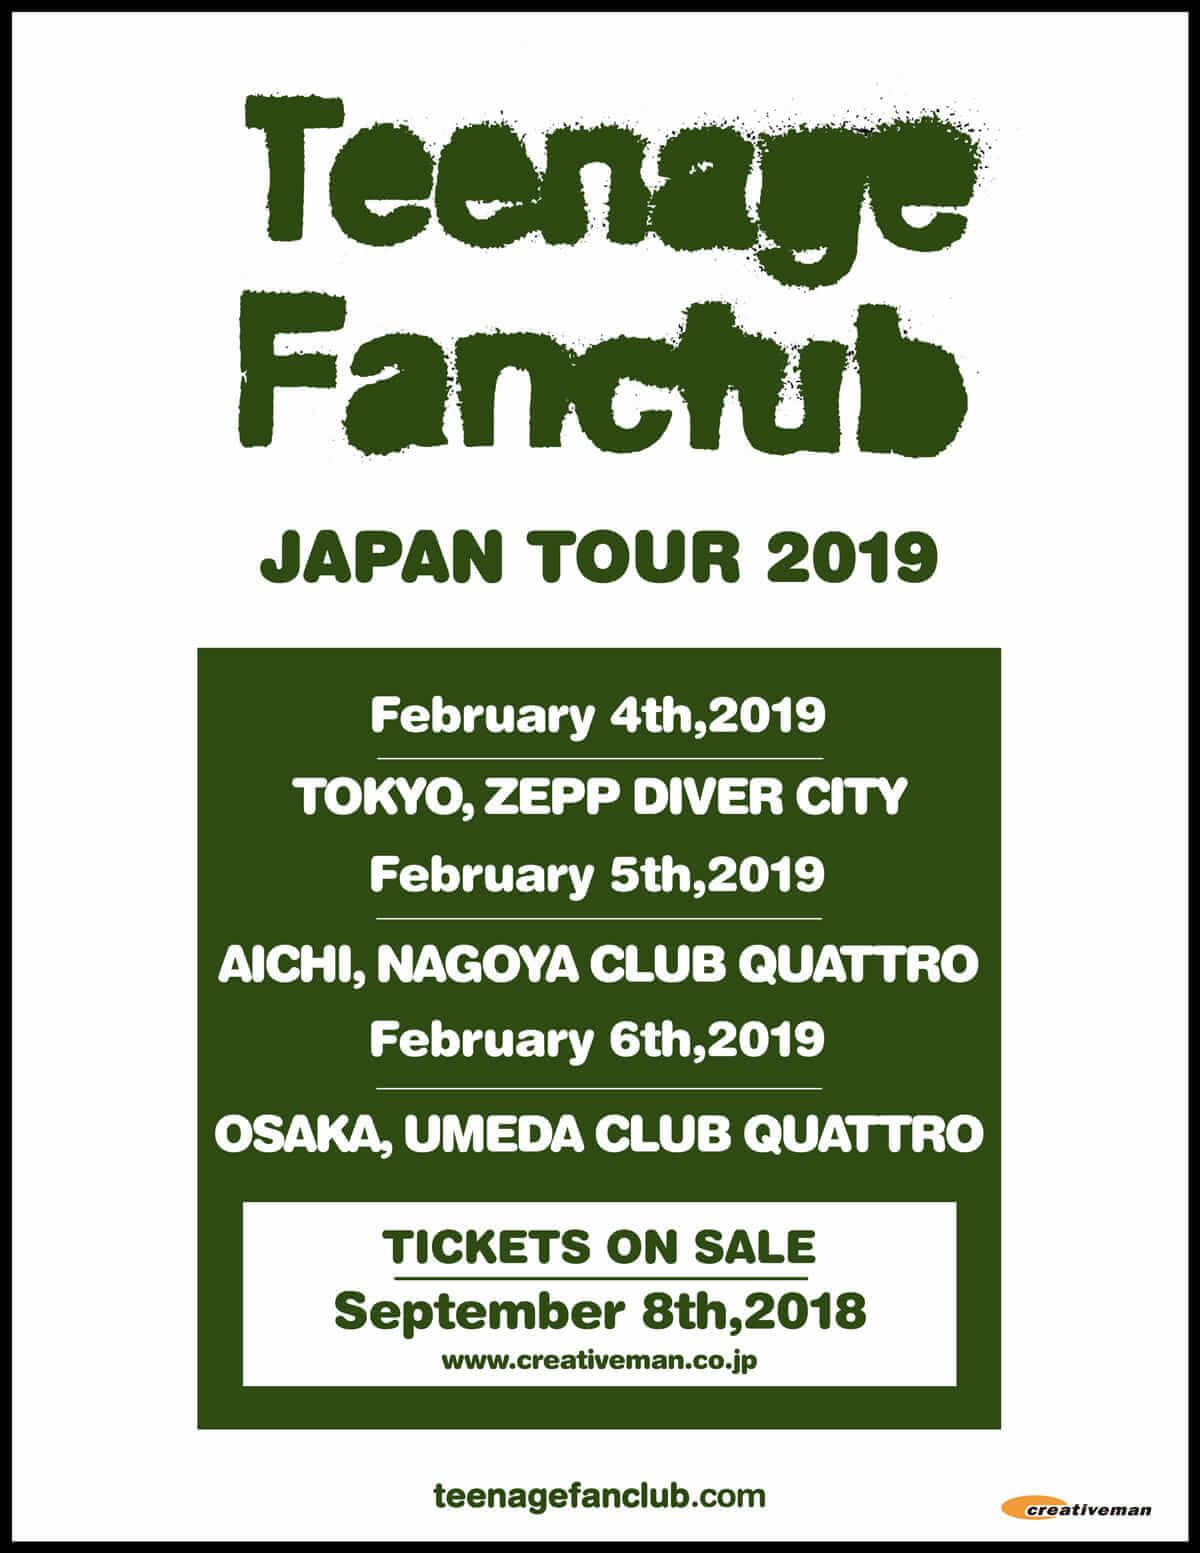 ティーンエイジ・ファンクラブ、来日ツアーが決定!チケット一般販売は9月8日(土)から music180820_.teenagefanclub_1-1200x1553